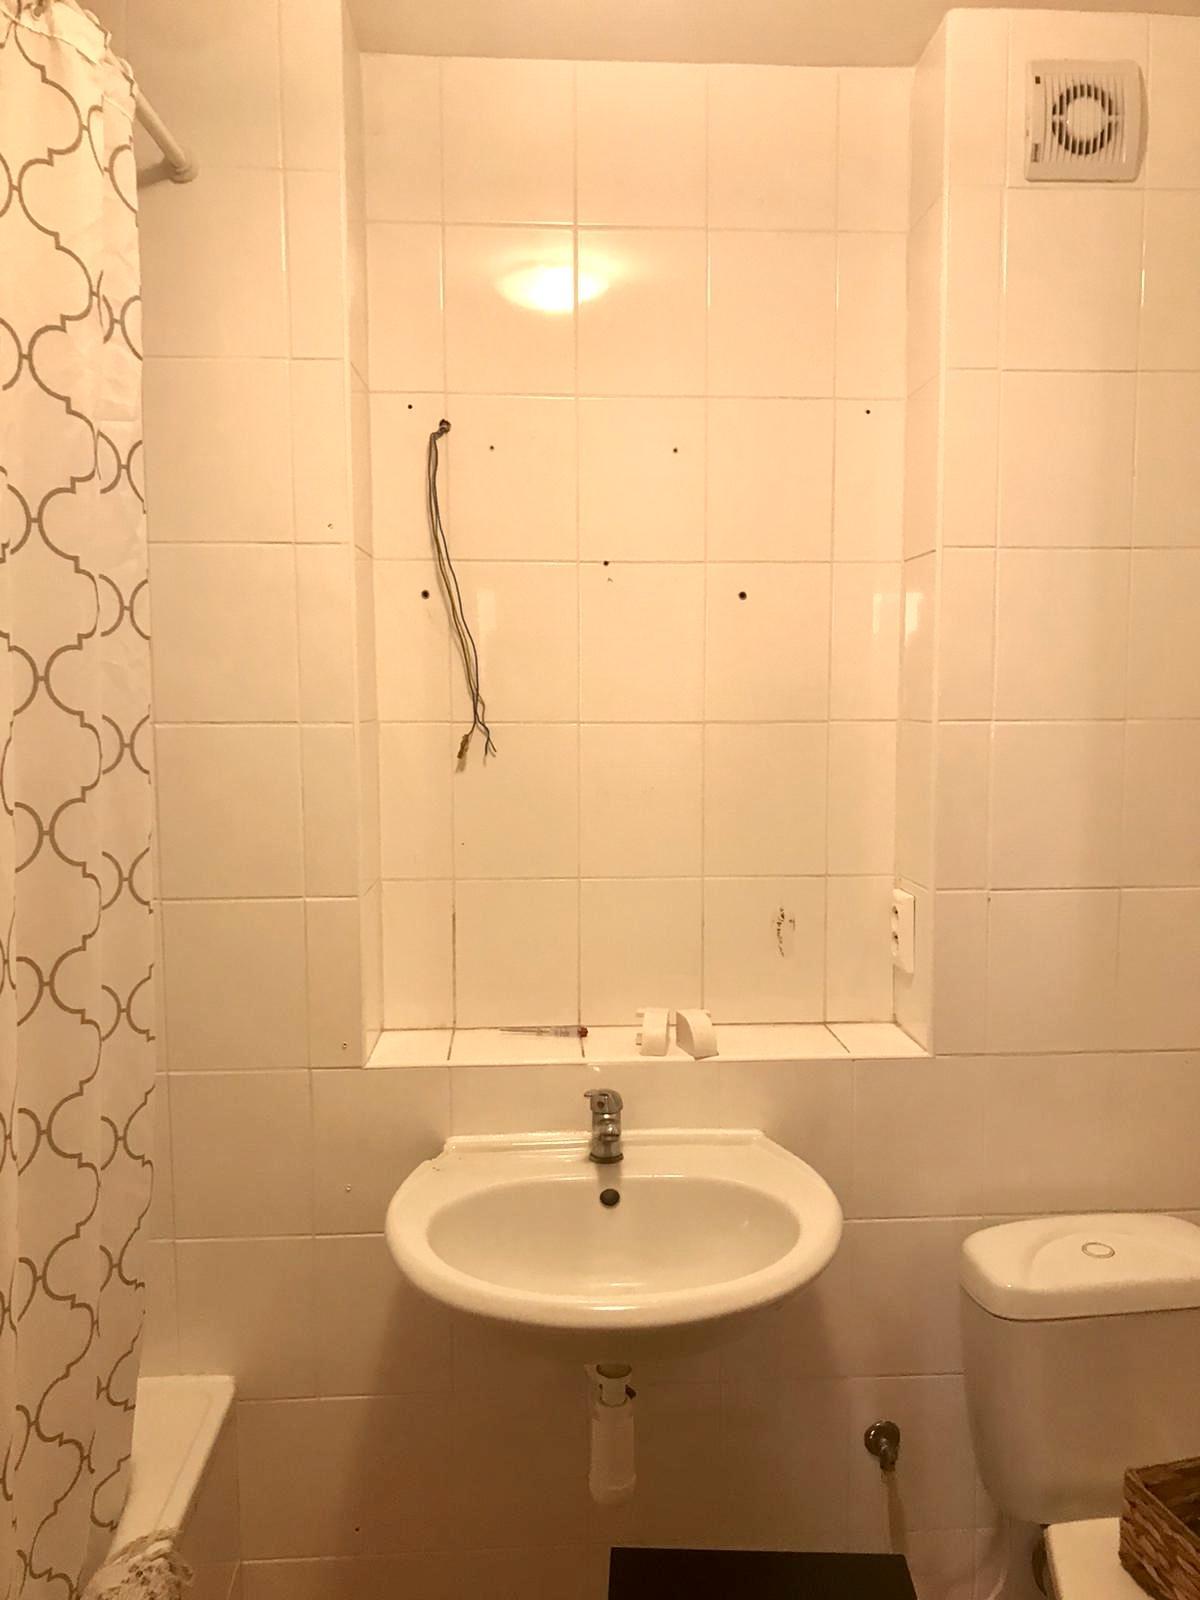 Z příšerné koupelny tvořím trochu lepší 💪 - Hruzná galerka odstraněna